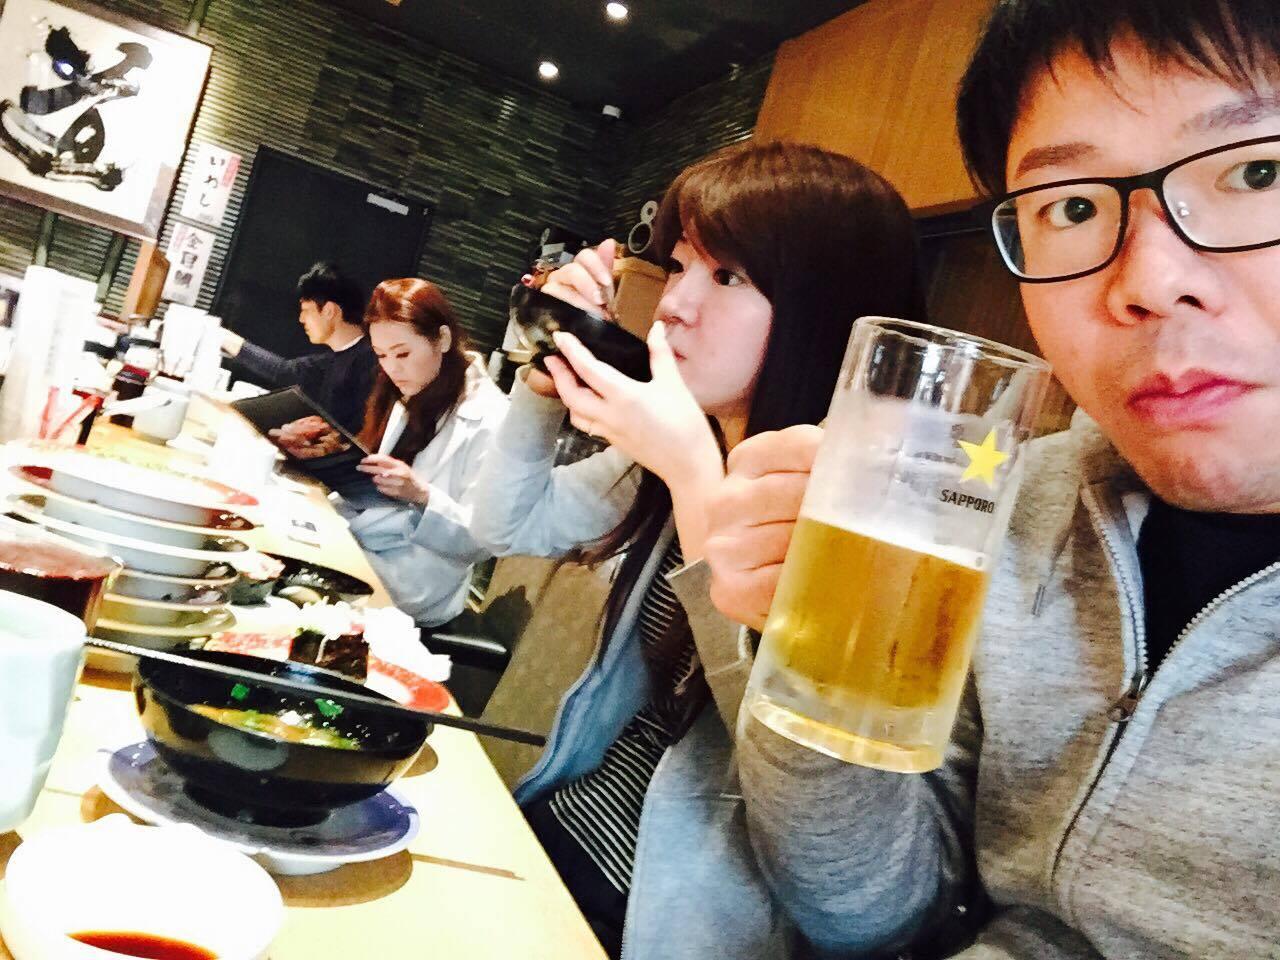 朝ビールって美味いんだよなー!